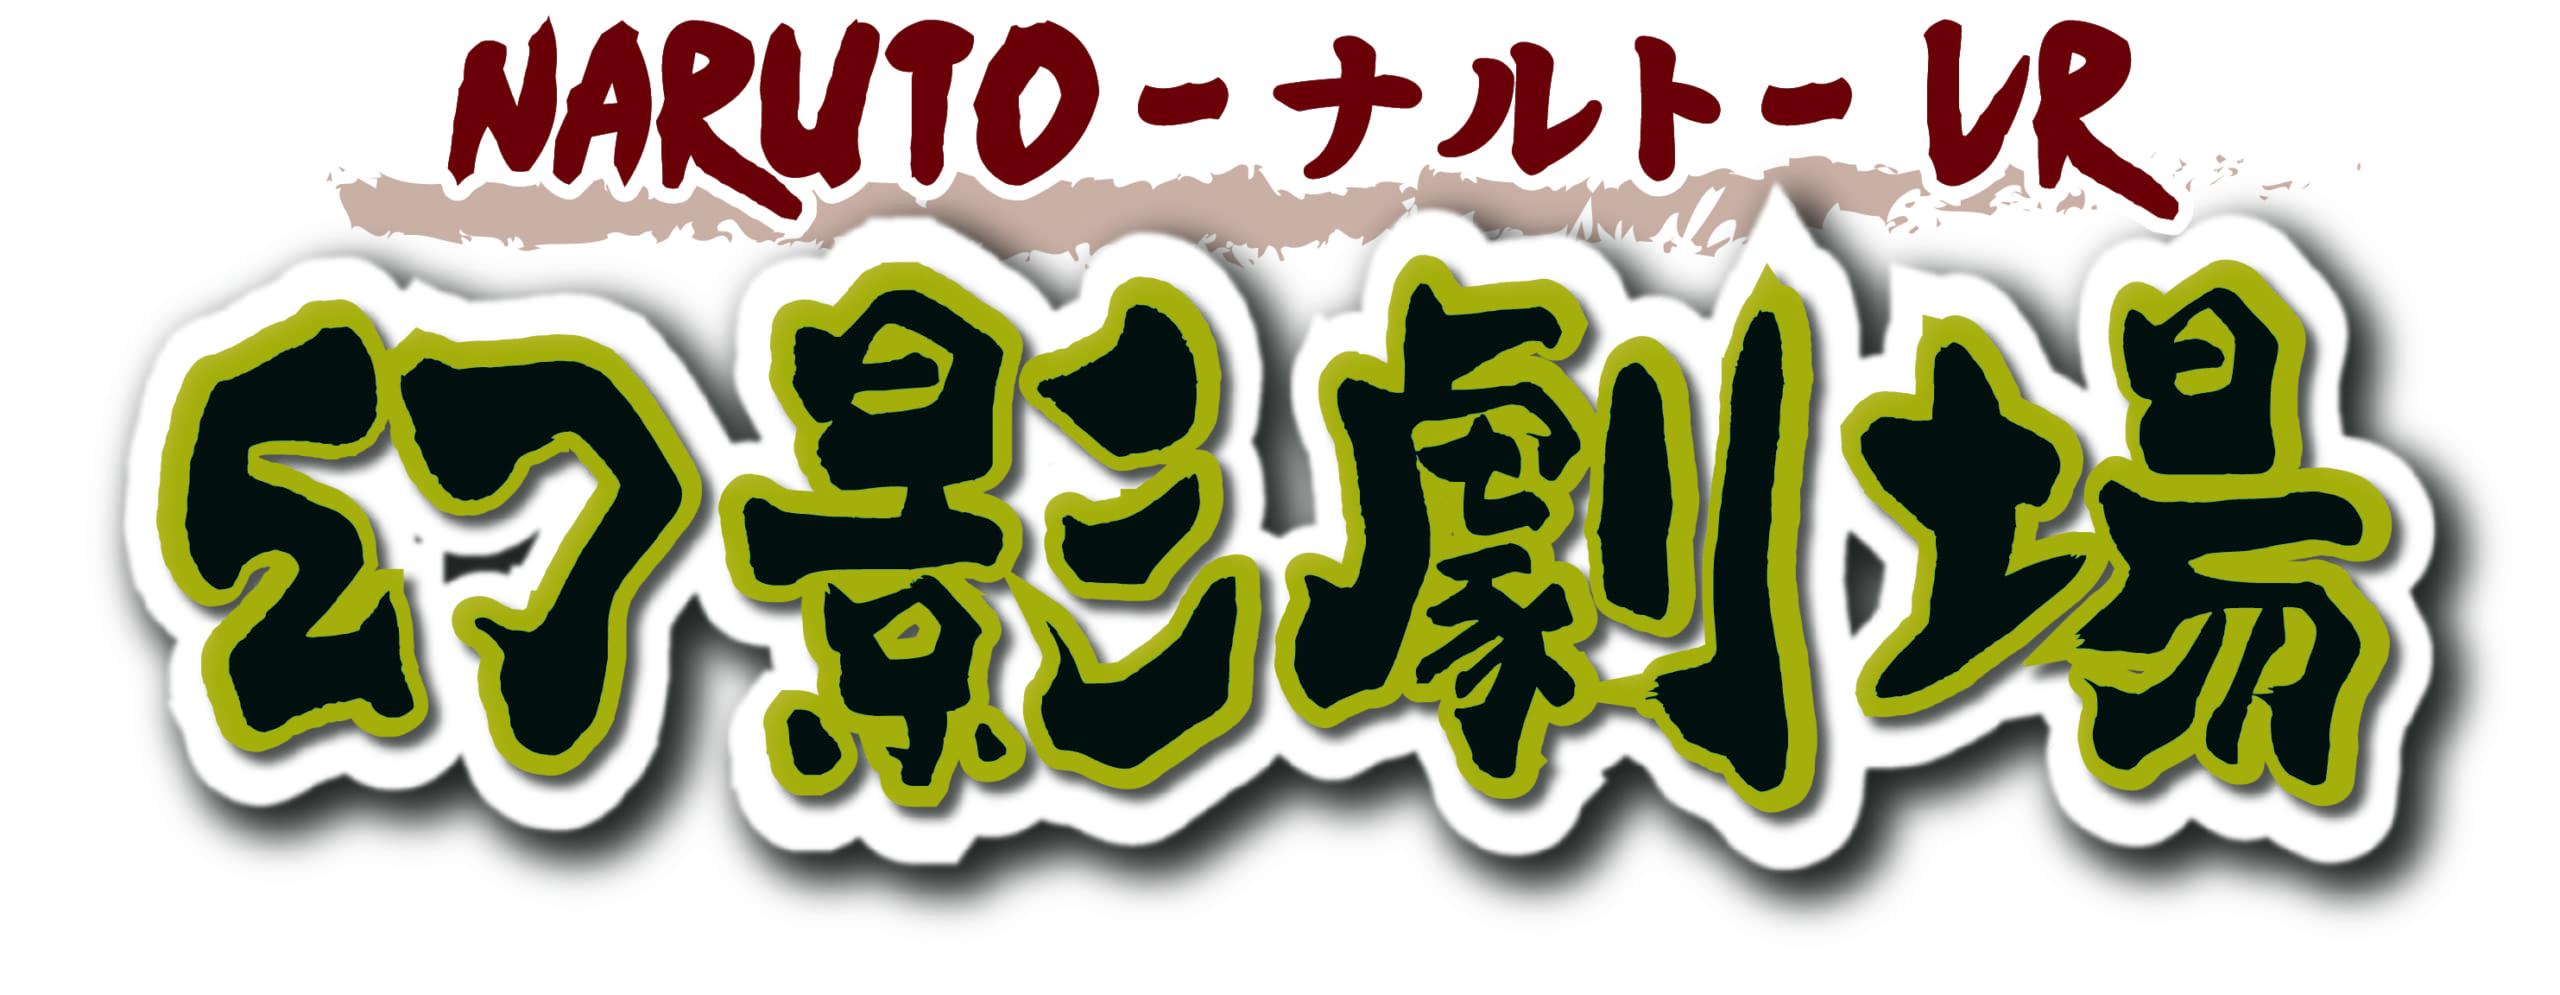 富士急ハイランド「NARUTO×BORUTO 富士 木ノ葉隠れの里」VRアトラクション「幻影劇場」ロゴ